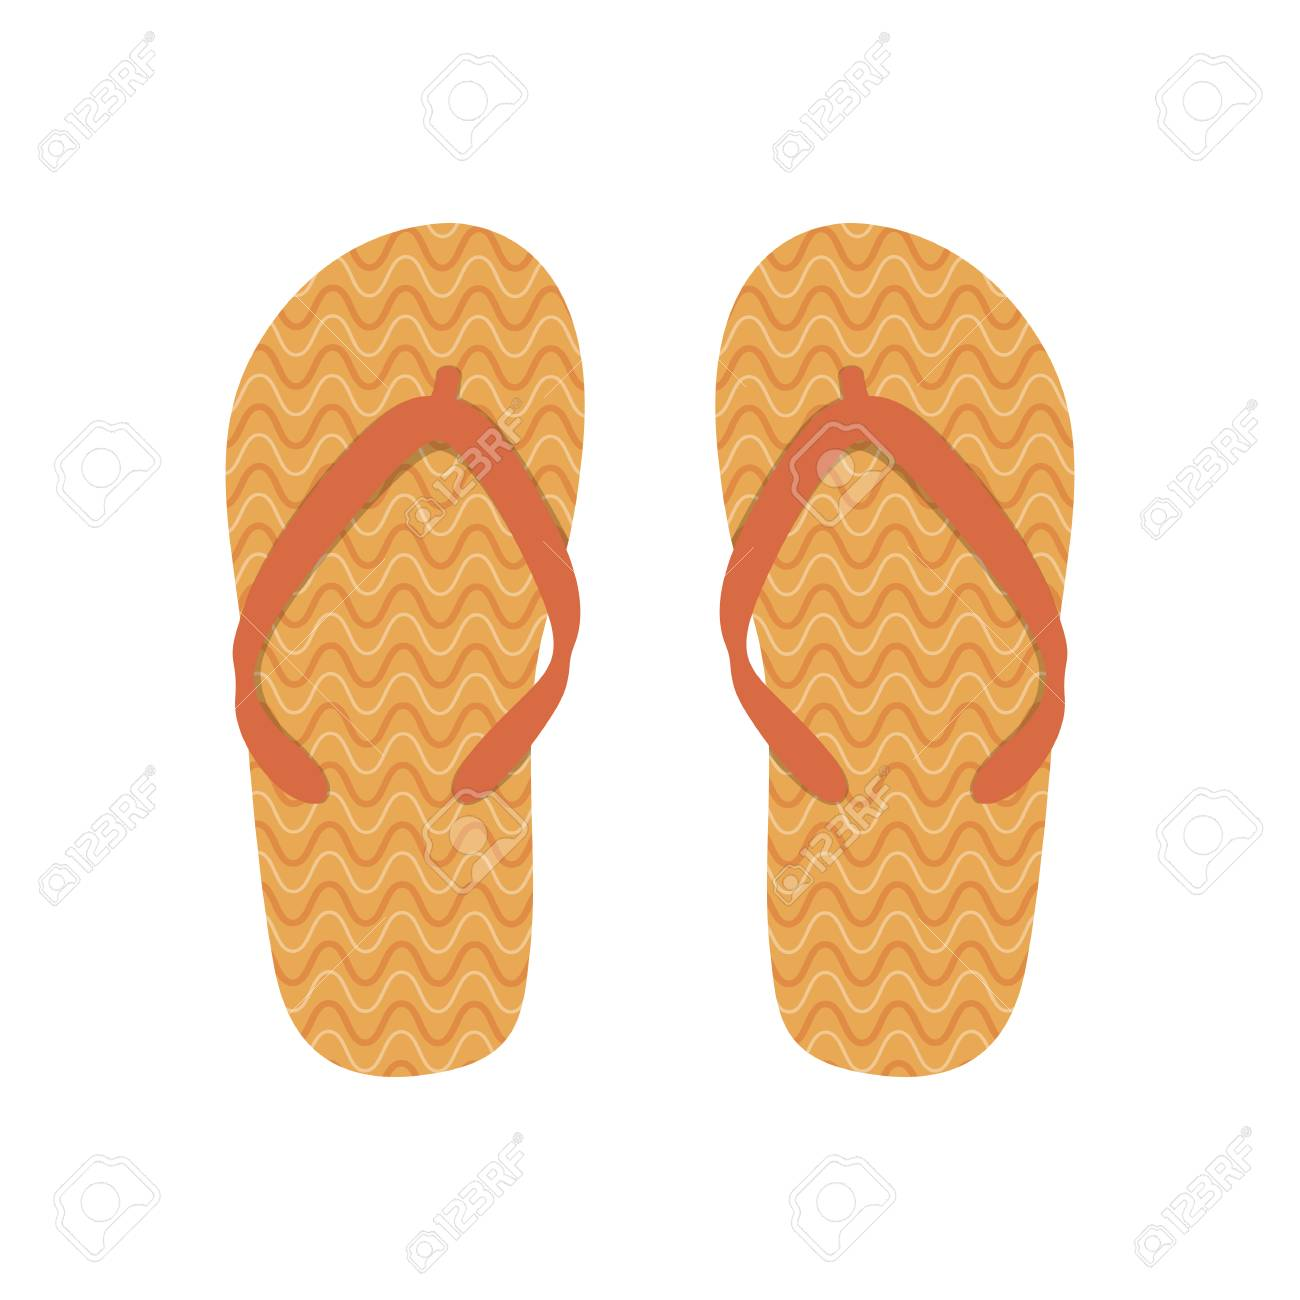 e3bb85f209d67 Pair Of Flip Flops